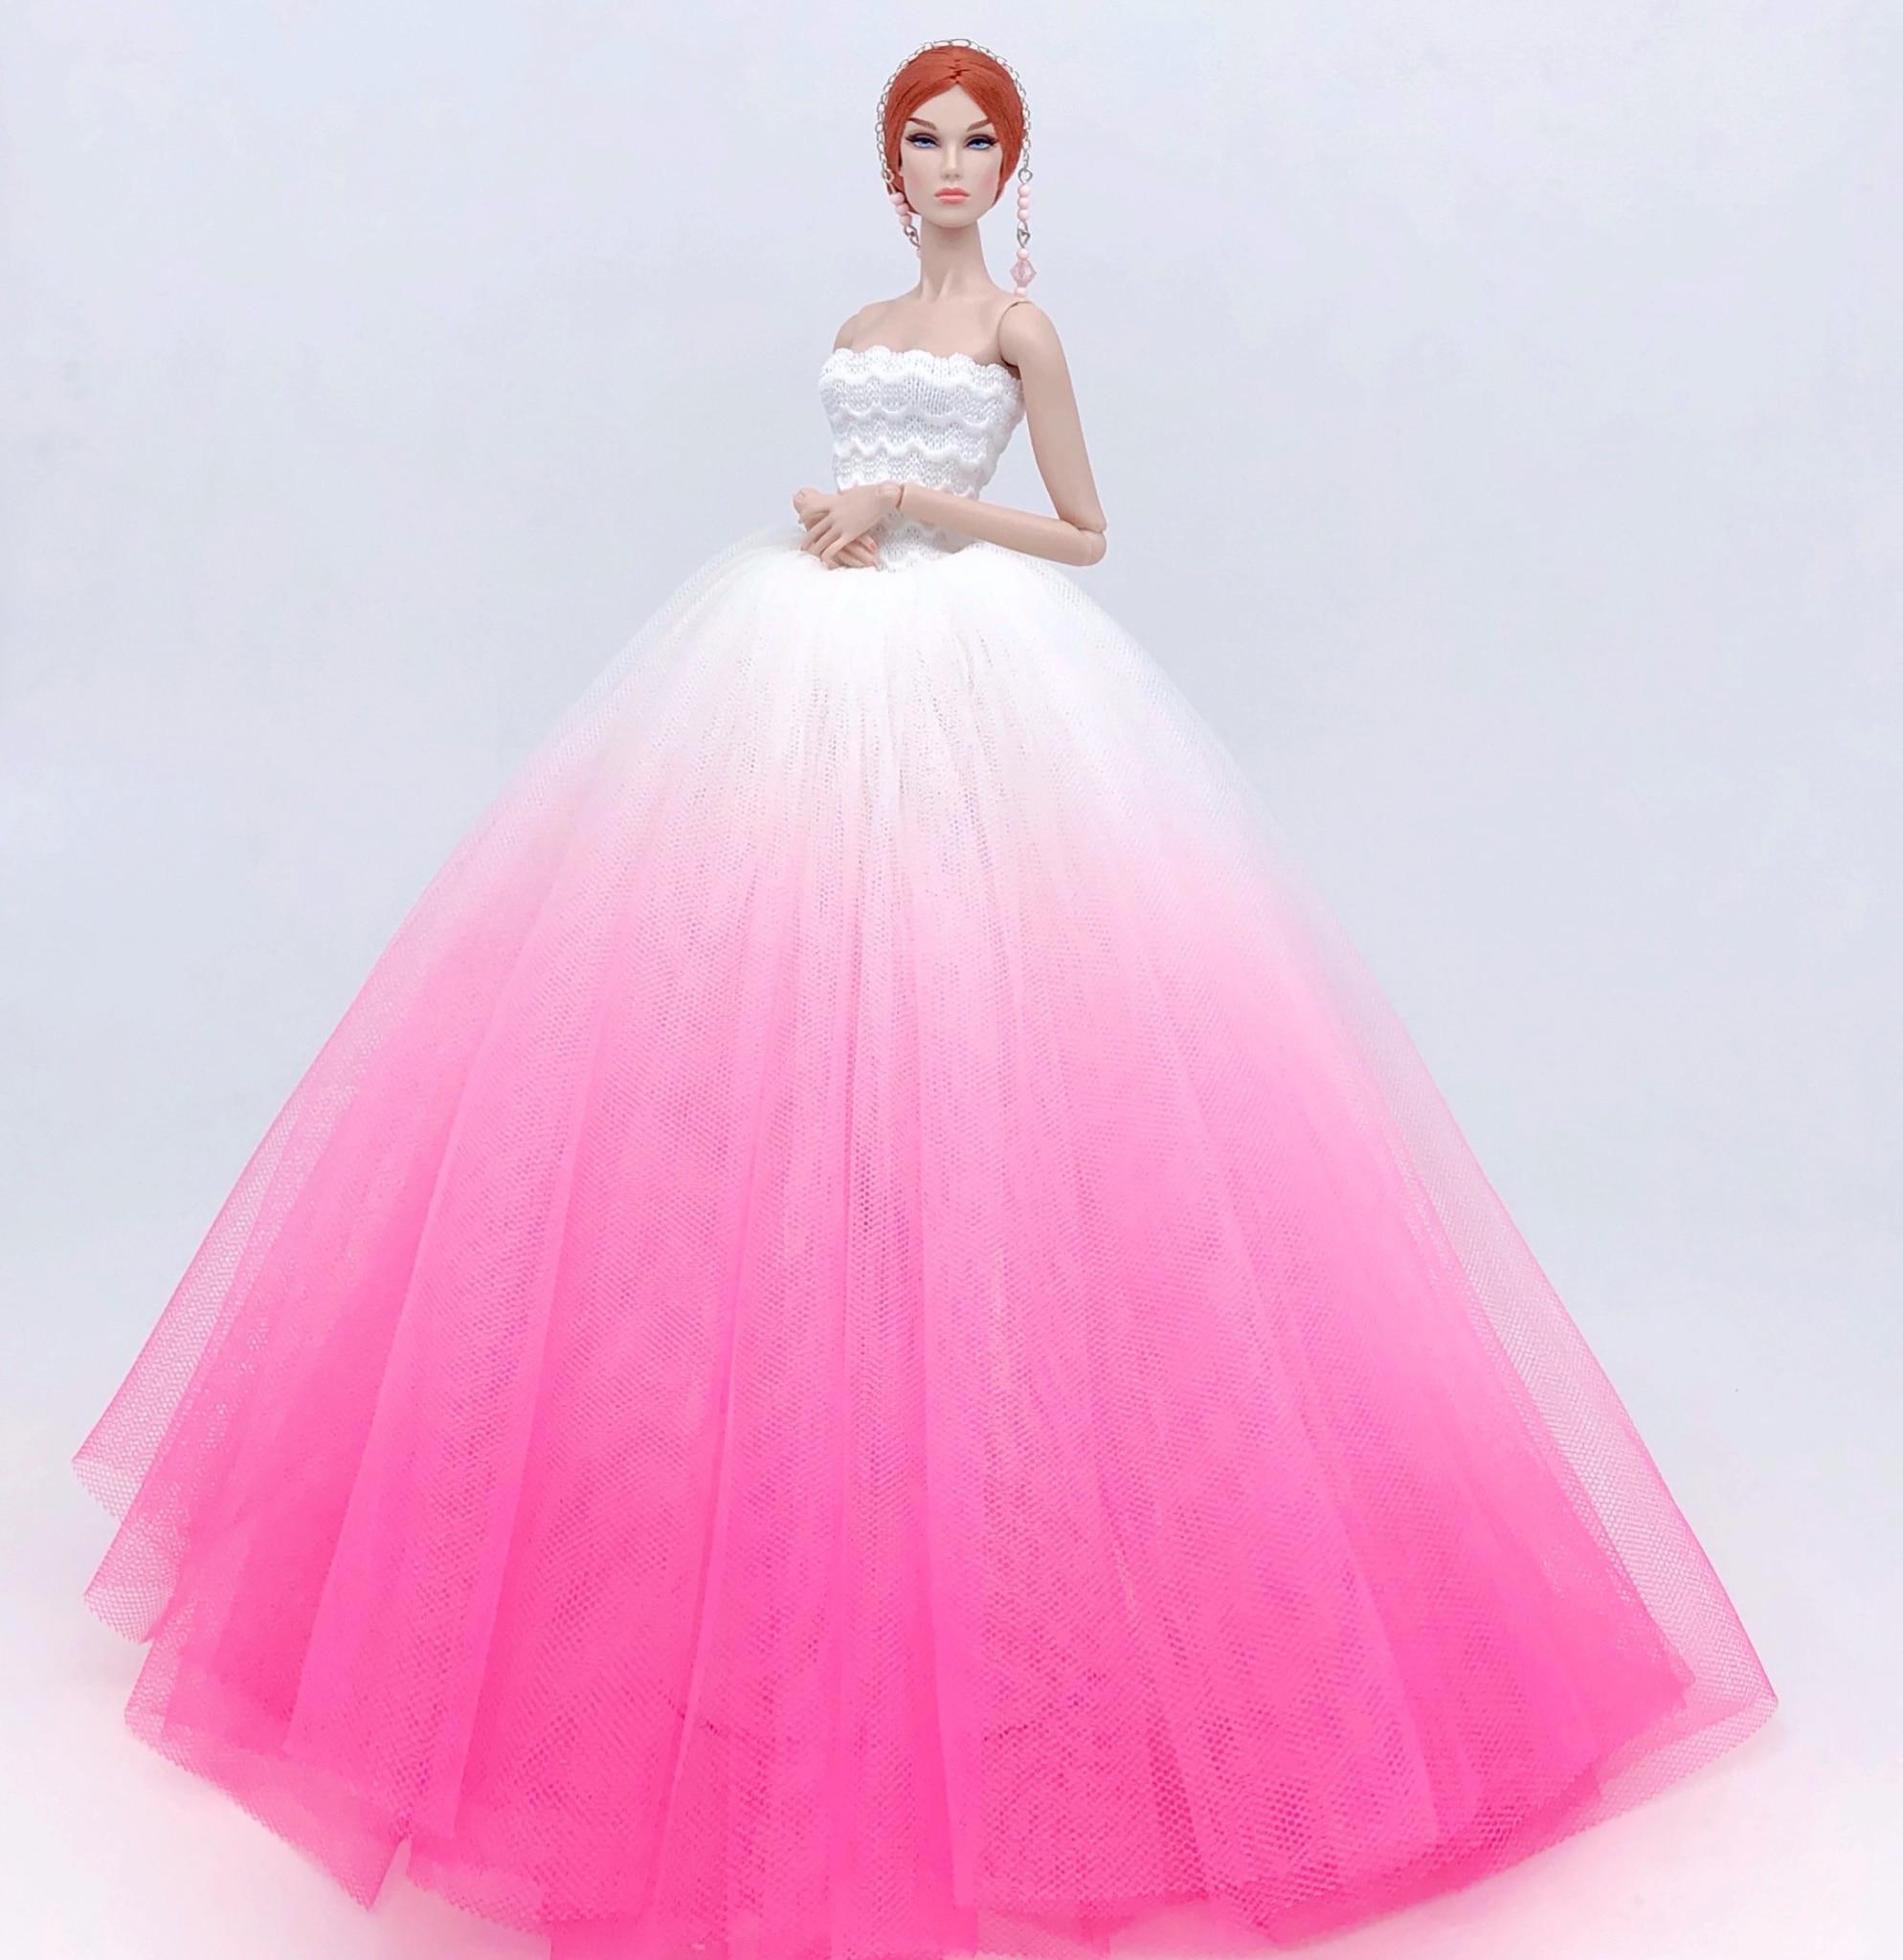 Special Case For Barbie Clothes Wedding Dress Toys Up Doll Clothing For Barbie Doll Wedding Dress Princess Skirt